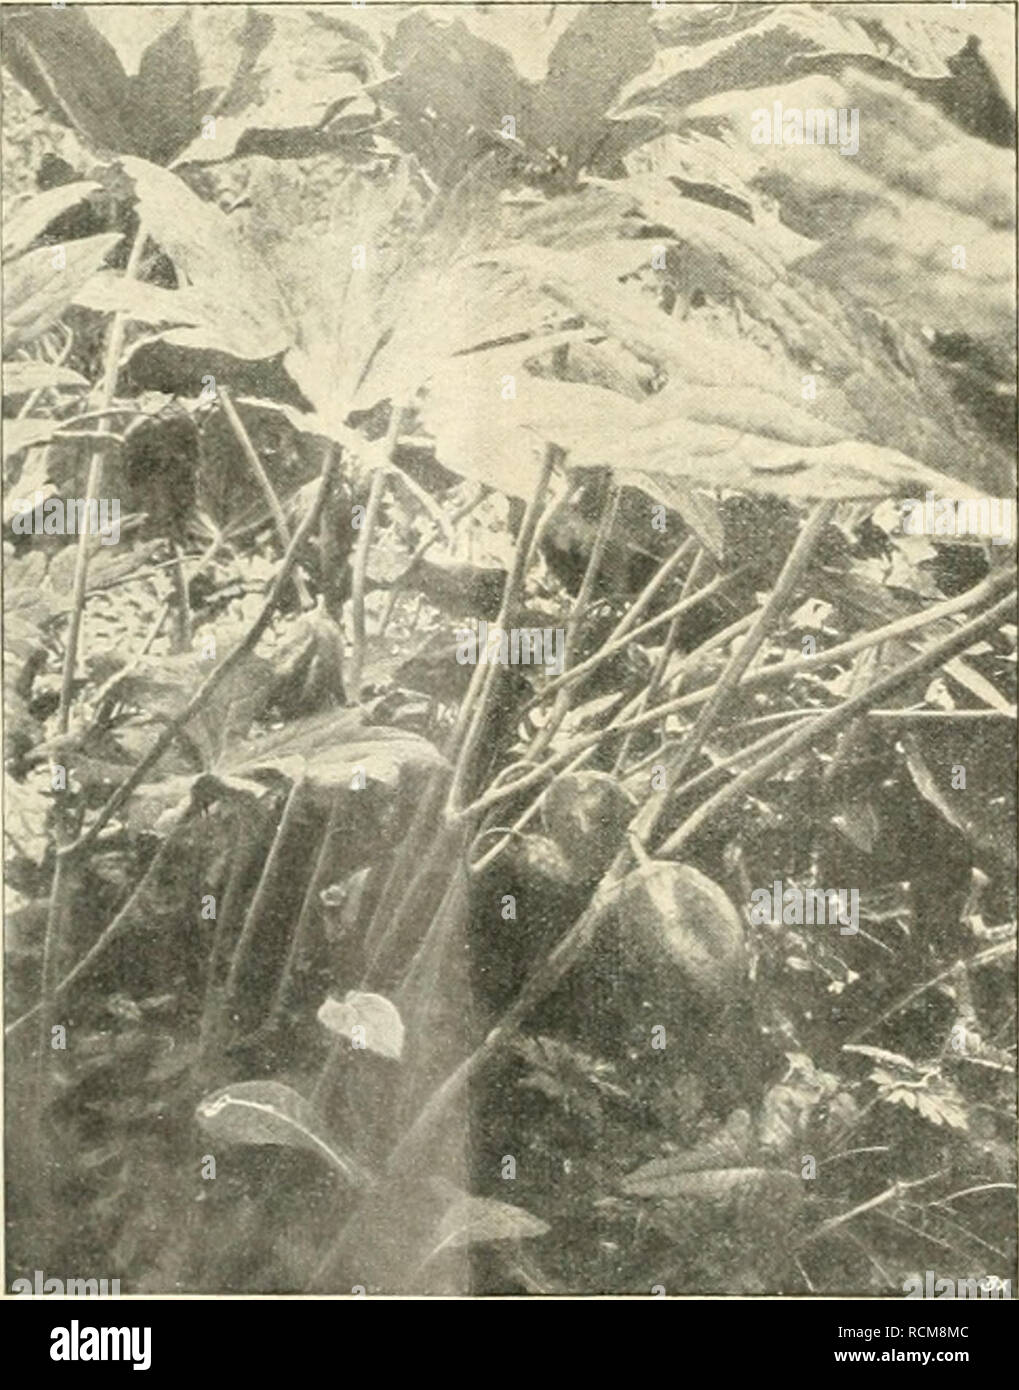 . Die Gartenwelt. Gardening. rum nigrum die der Pflanze Kultur habe ich wohlstei). Wässerung befürchten.. Podophyllum Emodi majus. sitzen die Beeren doch einen so starken Geschmack, daß Unberufene von selbst die Finger davon lassen. Ein heimisches, aber ebenfalls giftiges Pflänzchen aus der Familie der Liliaceen ist die Ein- beere, Paris quadrifolia. Die aufrechten Stengel tragen quirlständige ei-ellip- tische Blätter, zwischen denen die ein- zelnen grünlichen, unscheinbaren Blüten stehen, denen später die schwarzen Früchte folgen. Mit Massen in halb- schattiger Stelle im Park, in humosem, loc - Stock Image